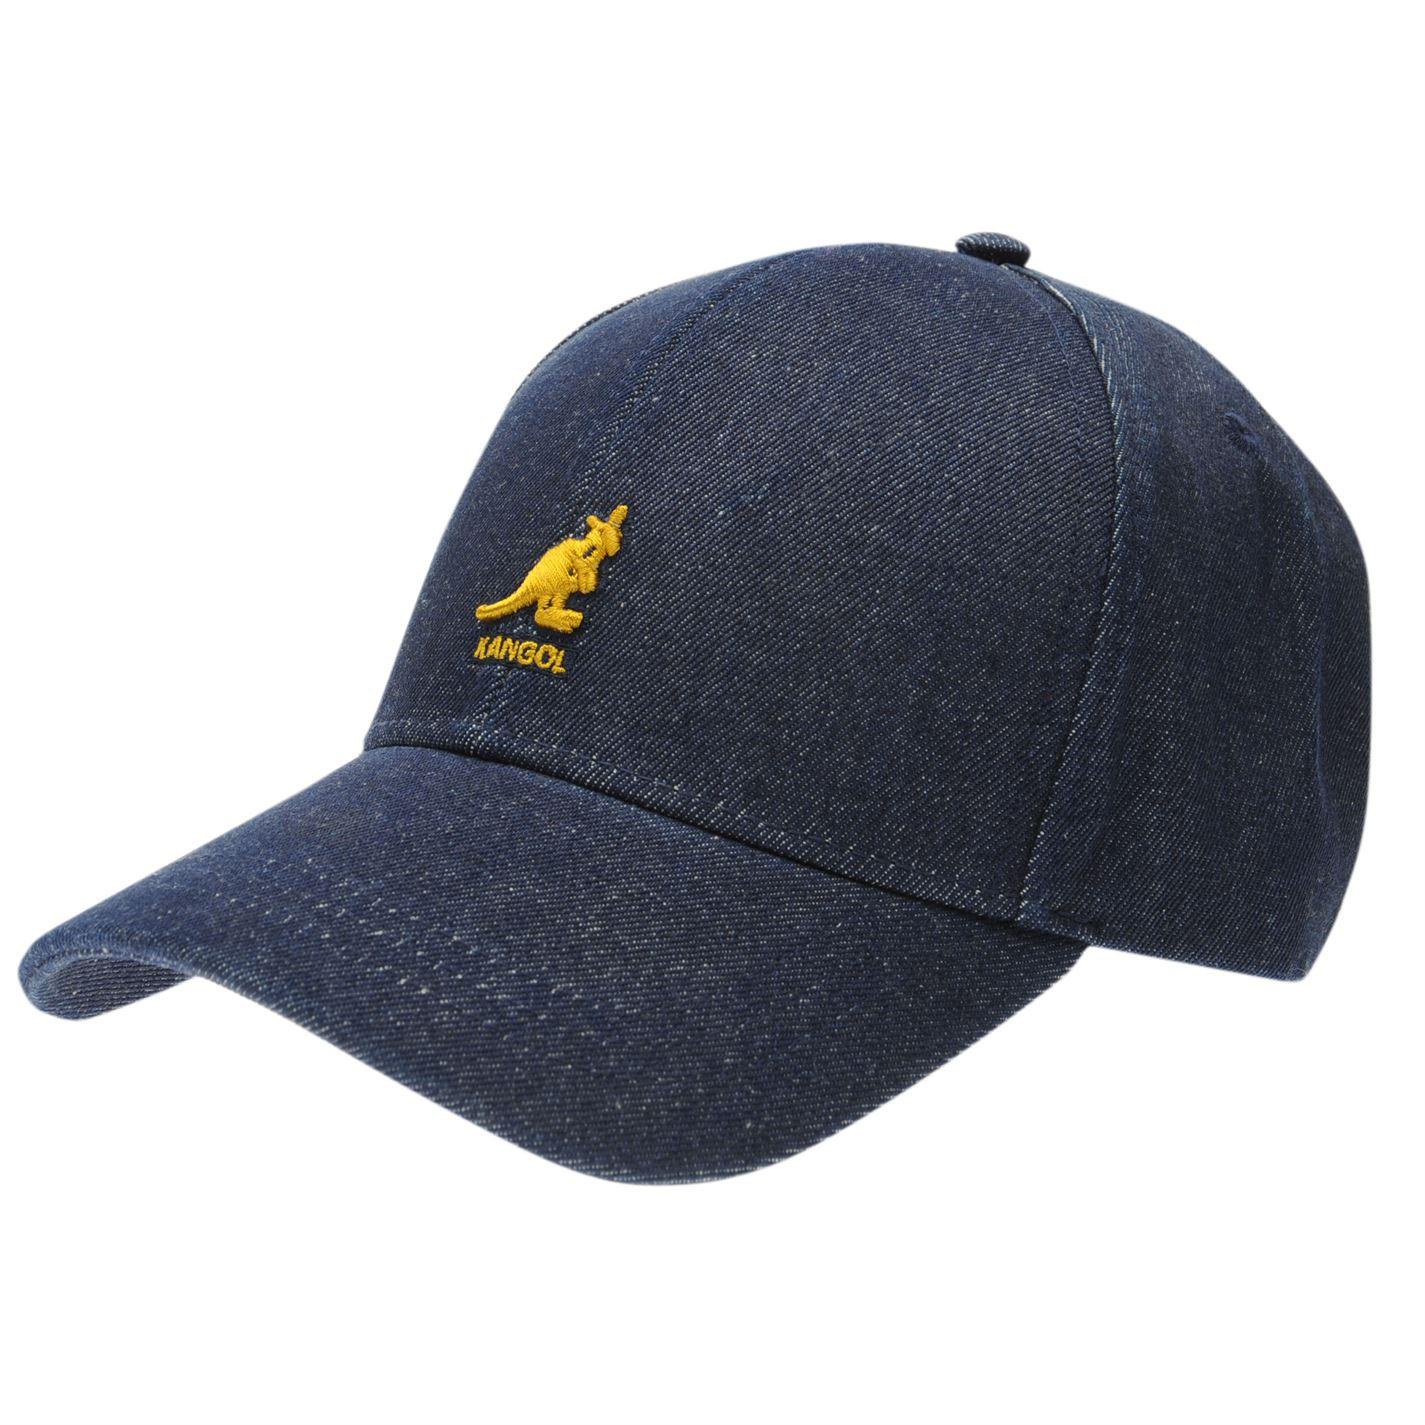 Kangol Baseball Cap Mens